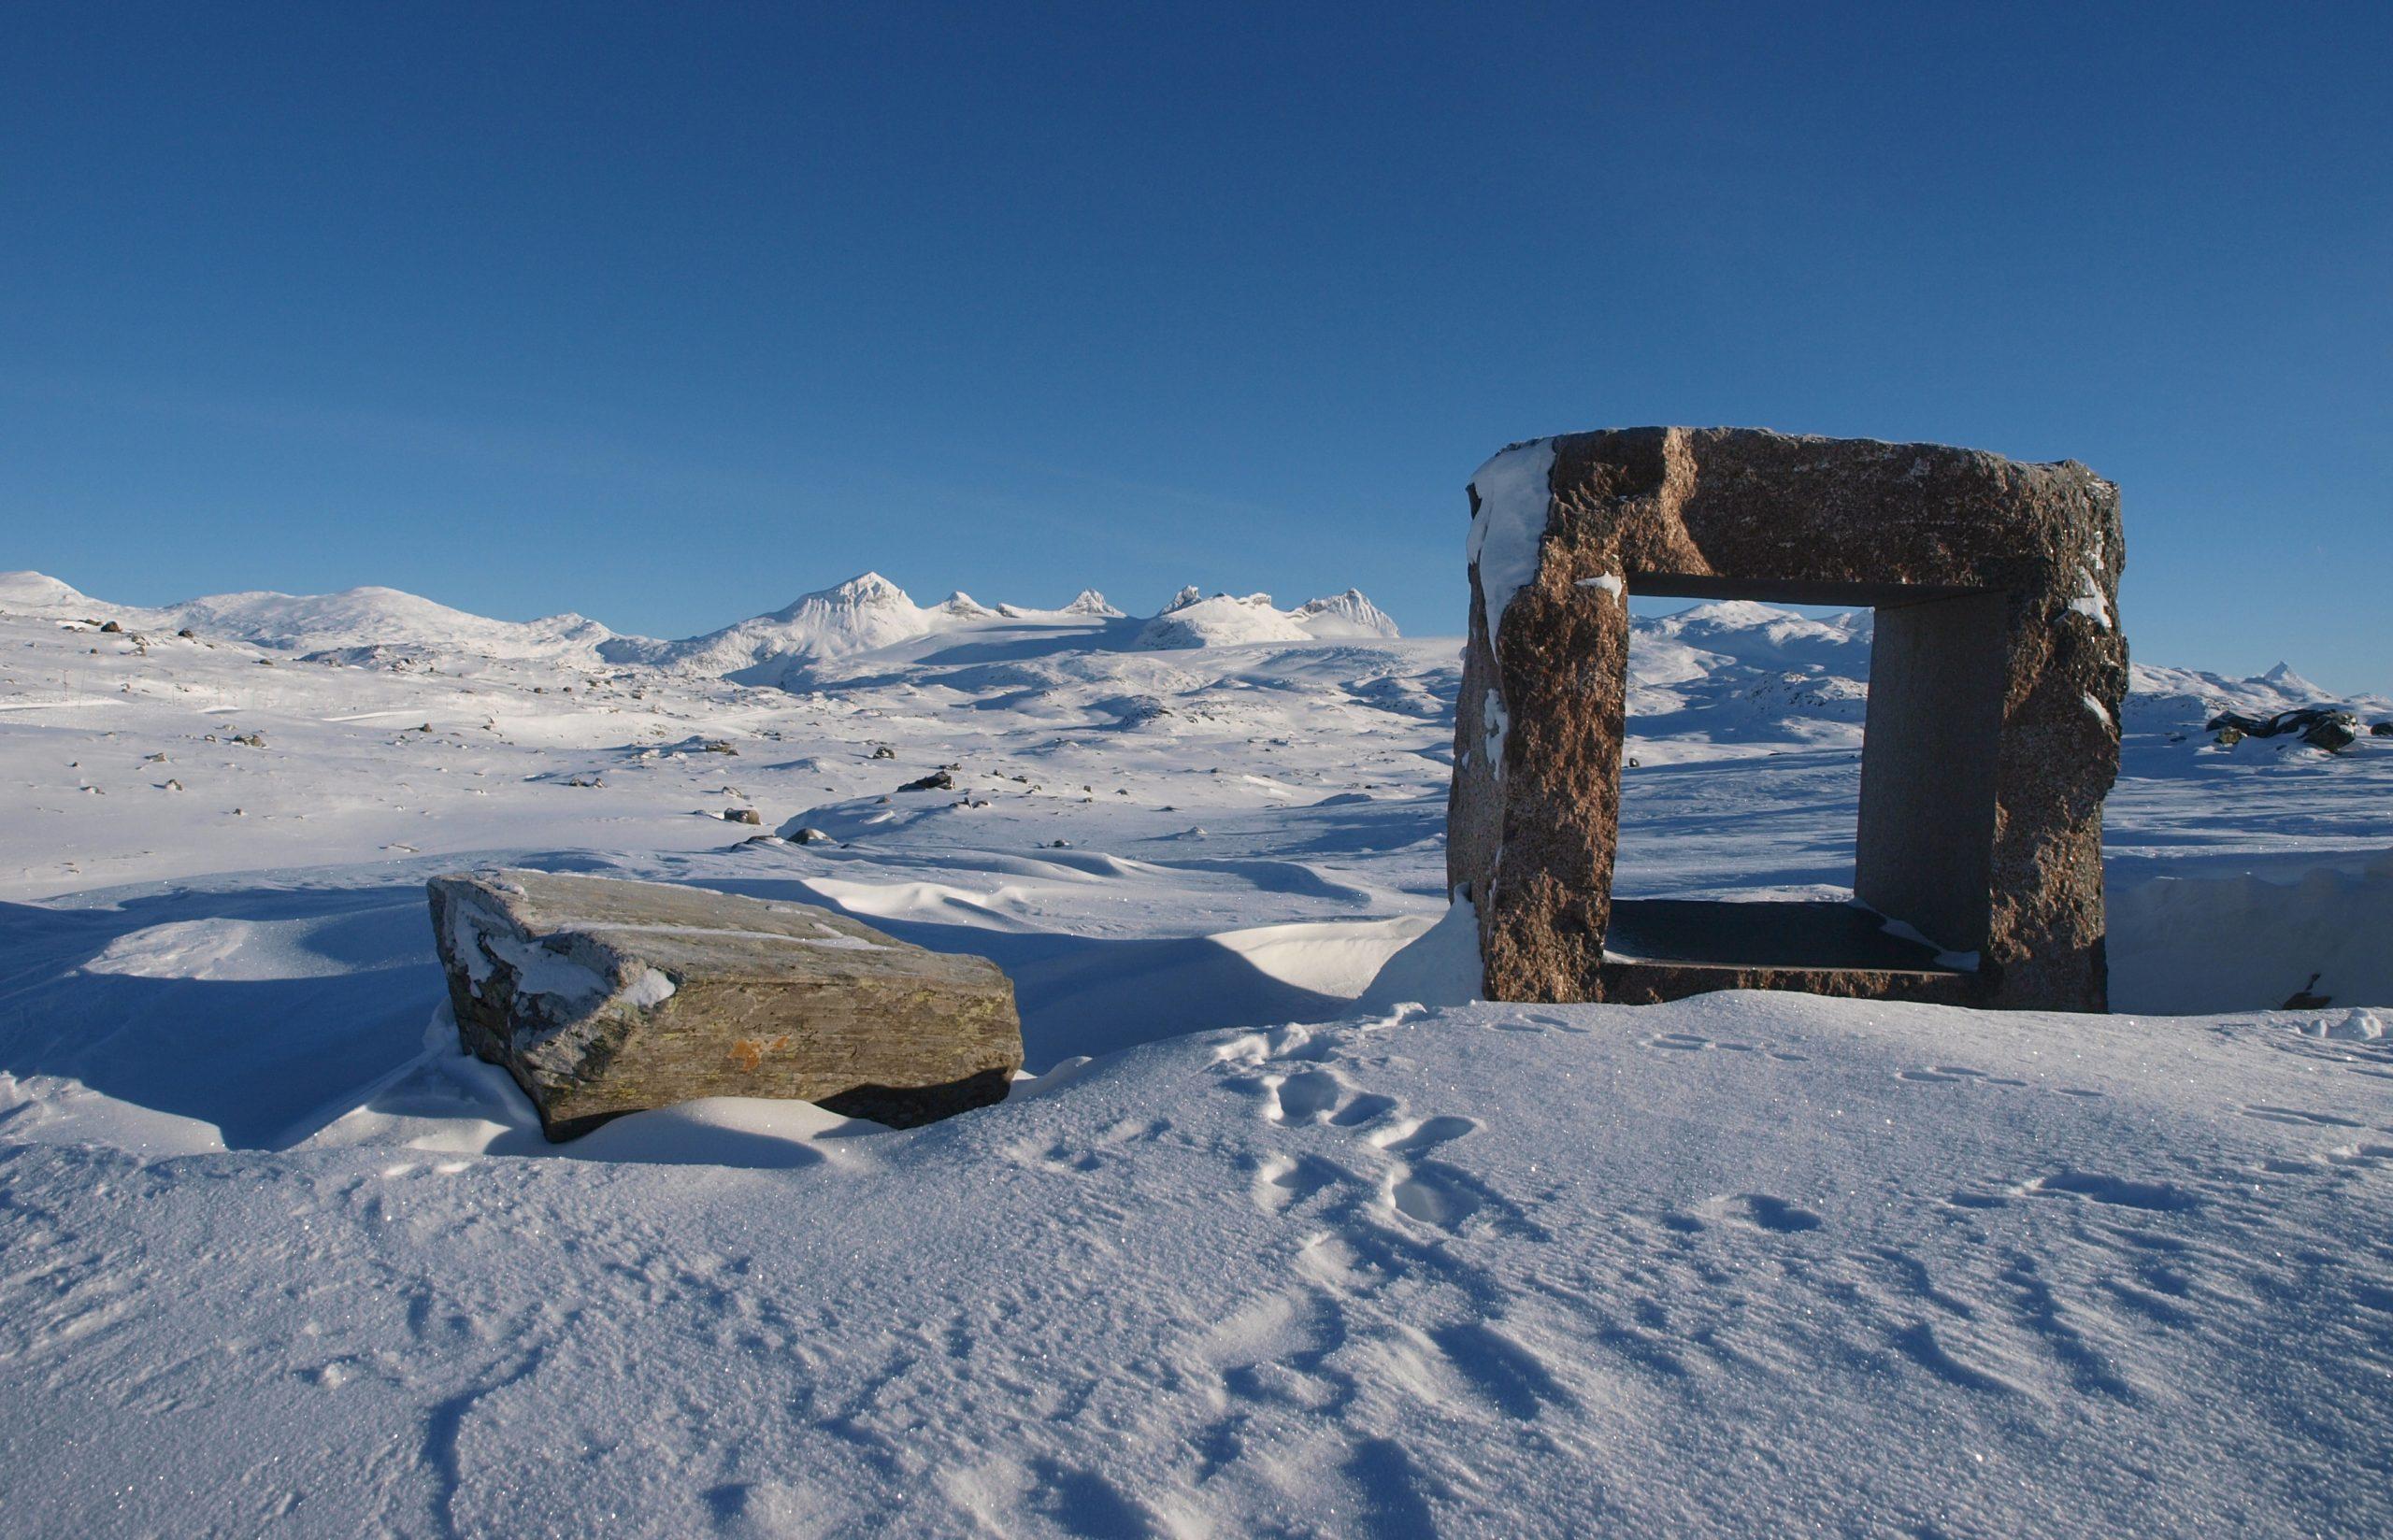 Landemerke ved Nasjonal turistveg Sognefjellet; steinskulptur laget av kunstneren Knut Wold. I bakgrunnen sees Smørstabbtindane, noen av Jotunheimens mer markante topper. Vegen over Sognefjellet er normalt stengt om vinteren, men enkelte år med lite snø kan den være åpen for trafikk langt utover senhøst og forvinter.